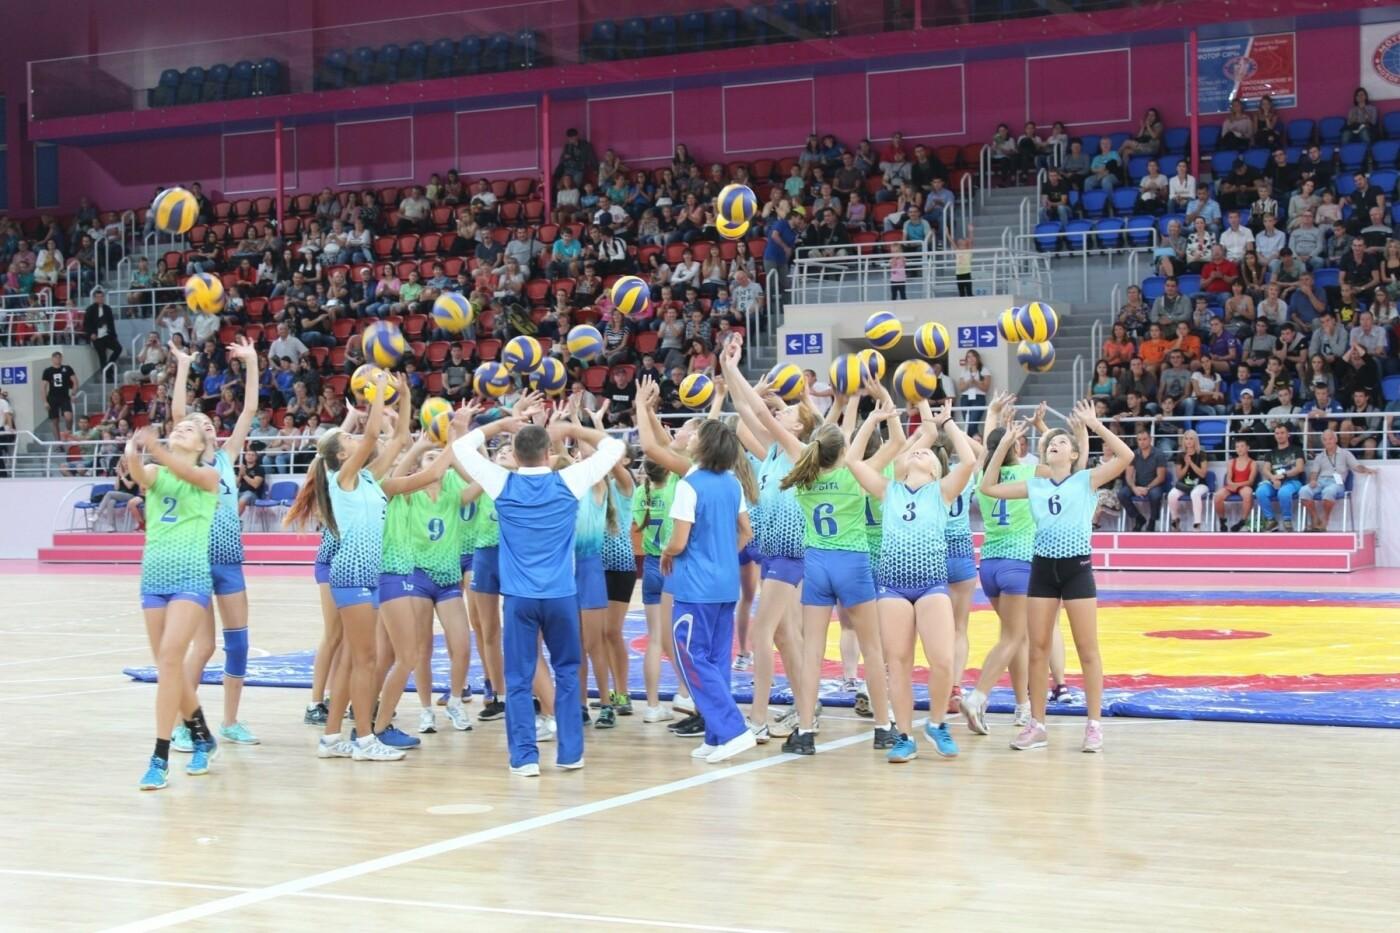 В «Юности» спортивные школы города показали шоу, - ФОТО, фото-7